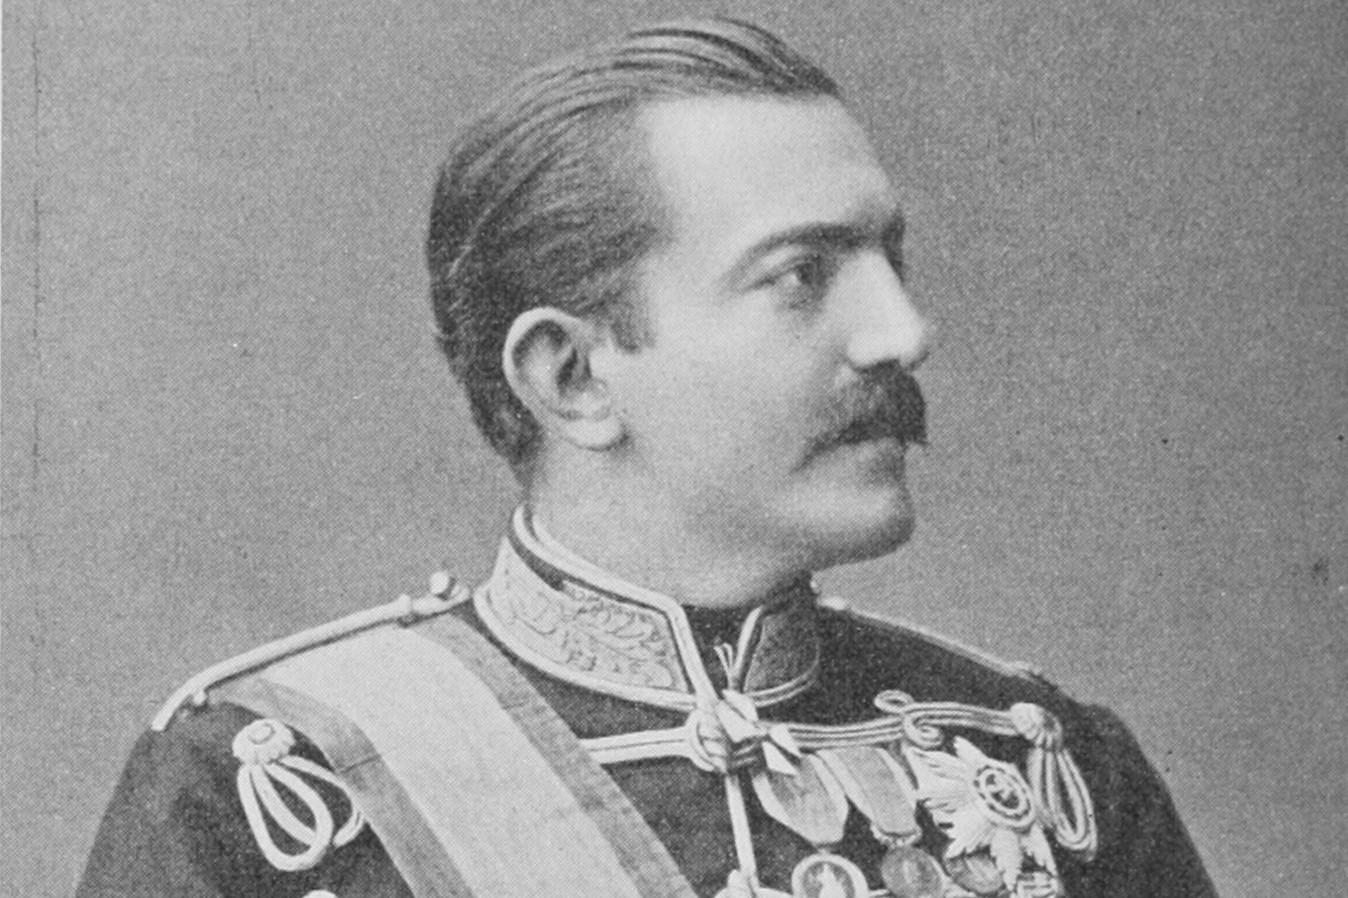 Kralj Milan Obrenović (Foto: Wikimedia/archive.org)